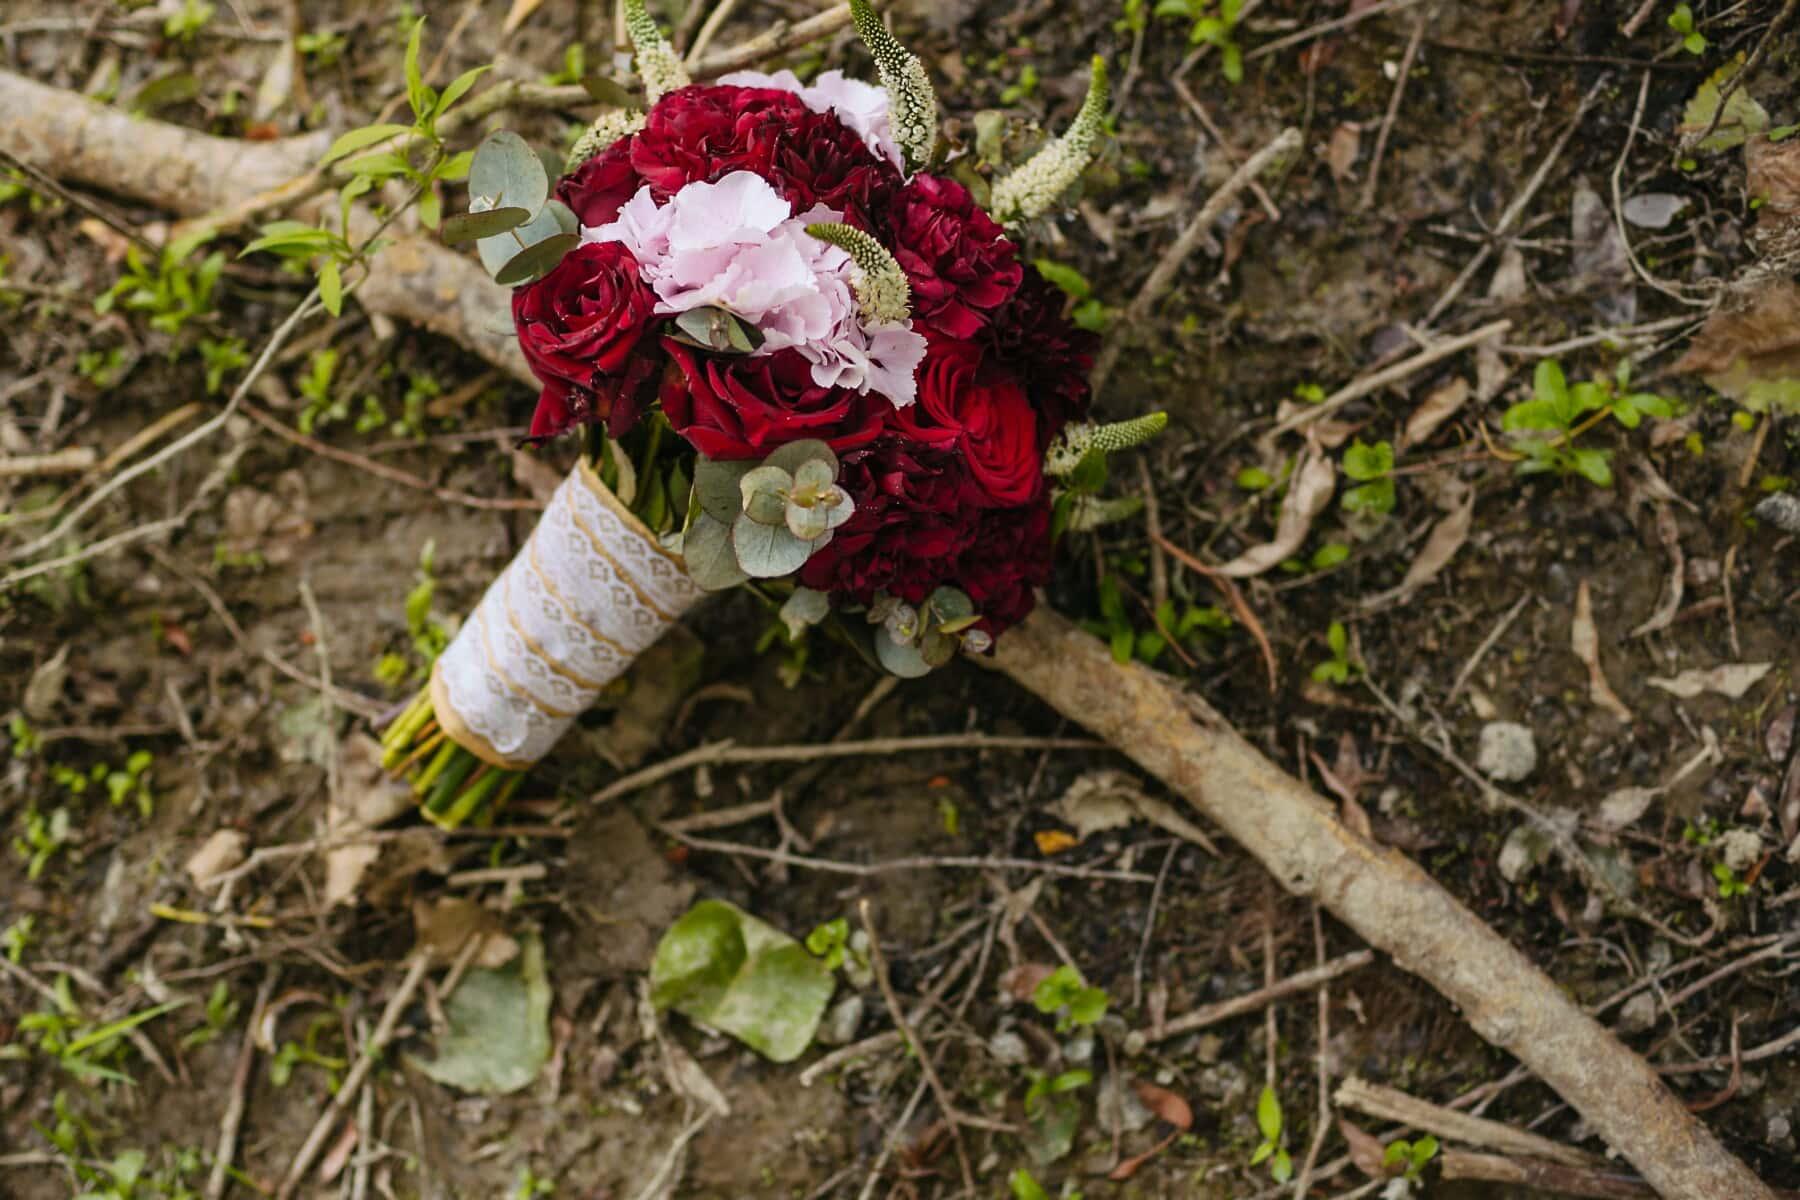 bouquet de mariage, rosâtre, rouge, pastel, des roses, feuille, fleur, nature, flore, Rose